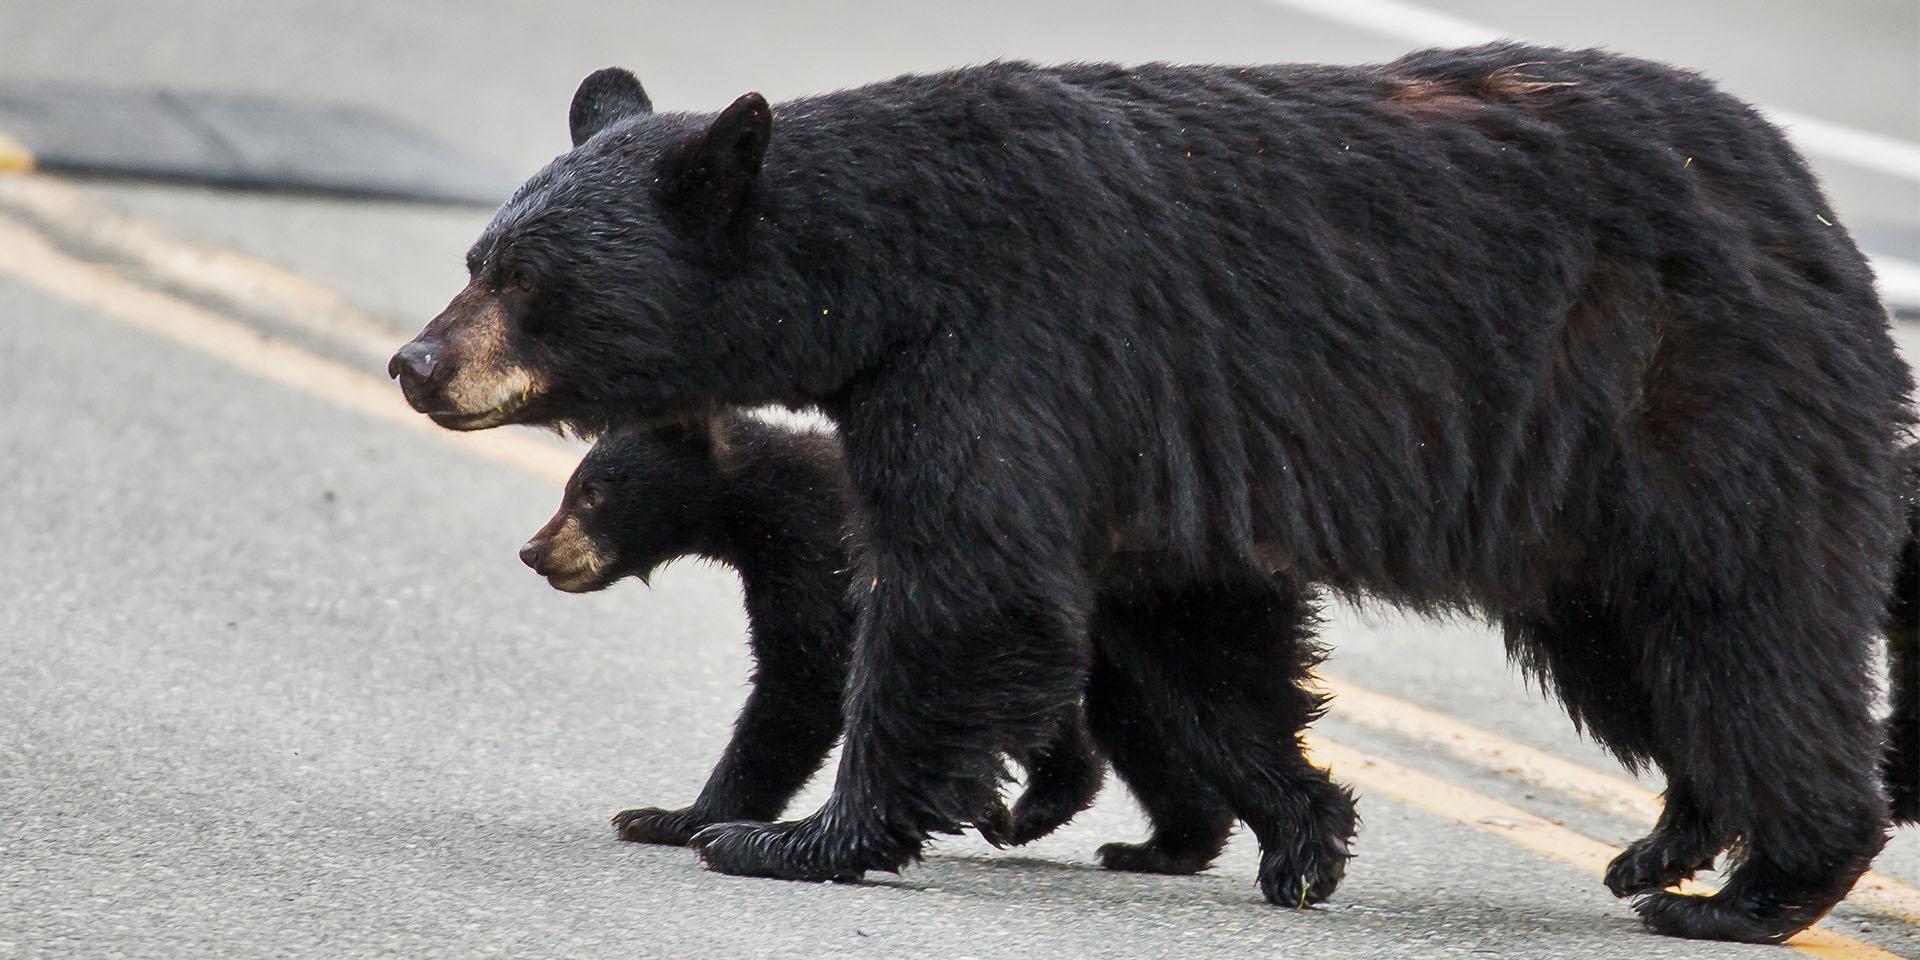 momma-bear_2x1.jpg?1501267259